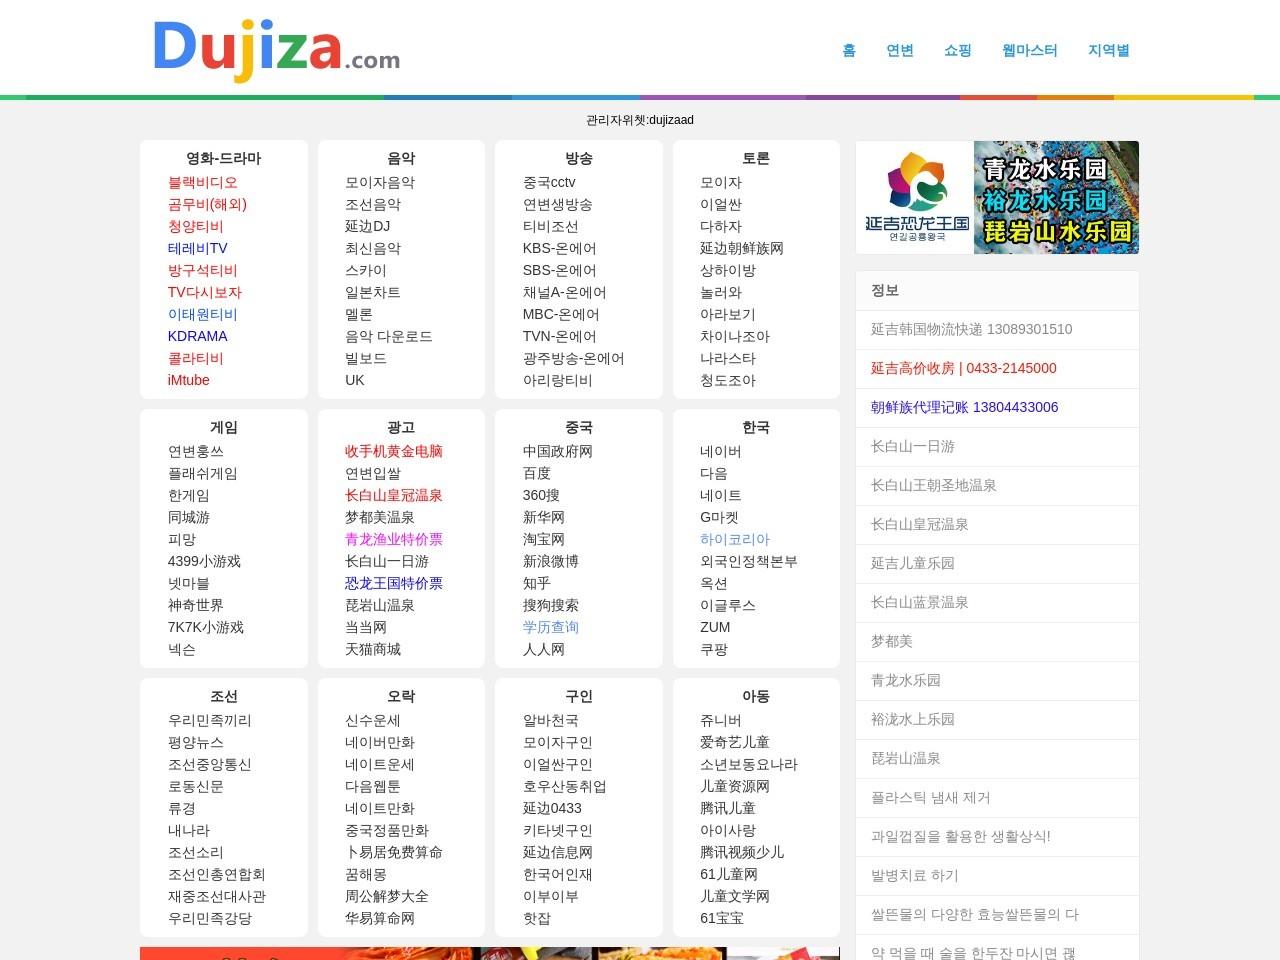 朝鲜族网址站-朝鲜语网站 dujiza.com截图